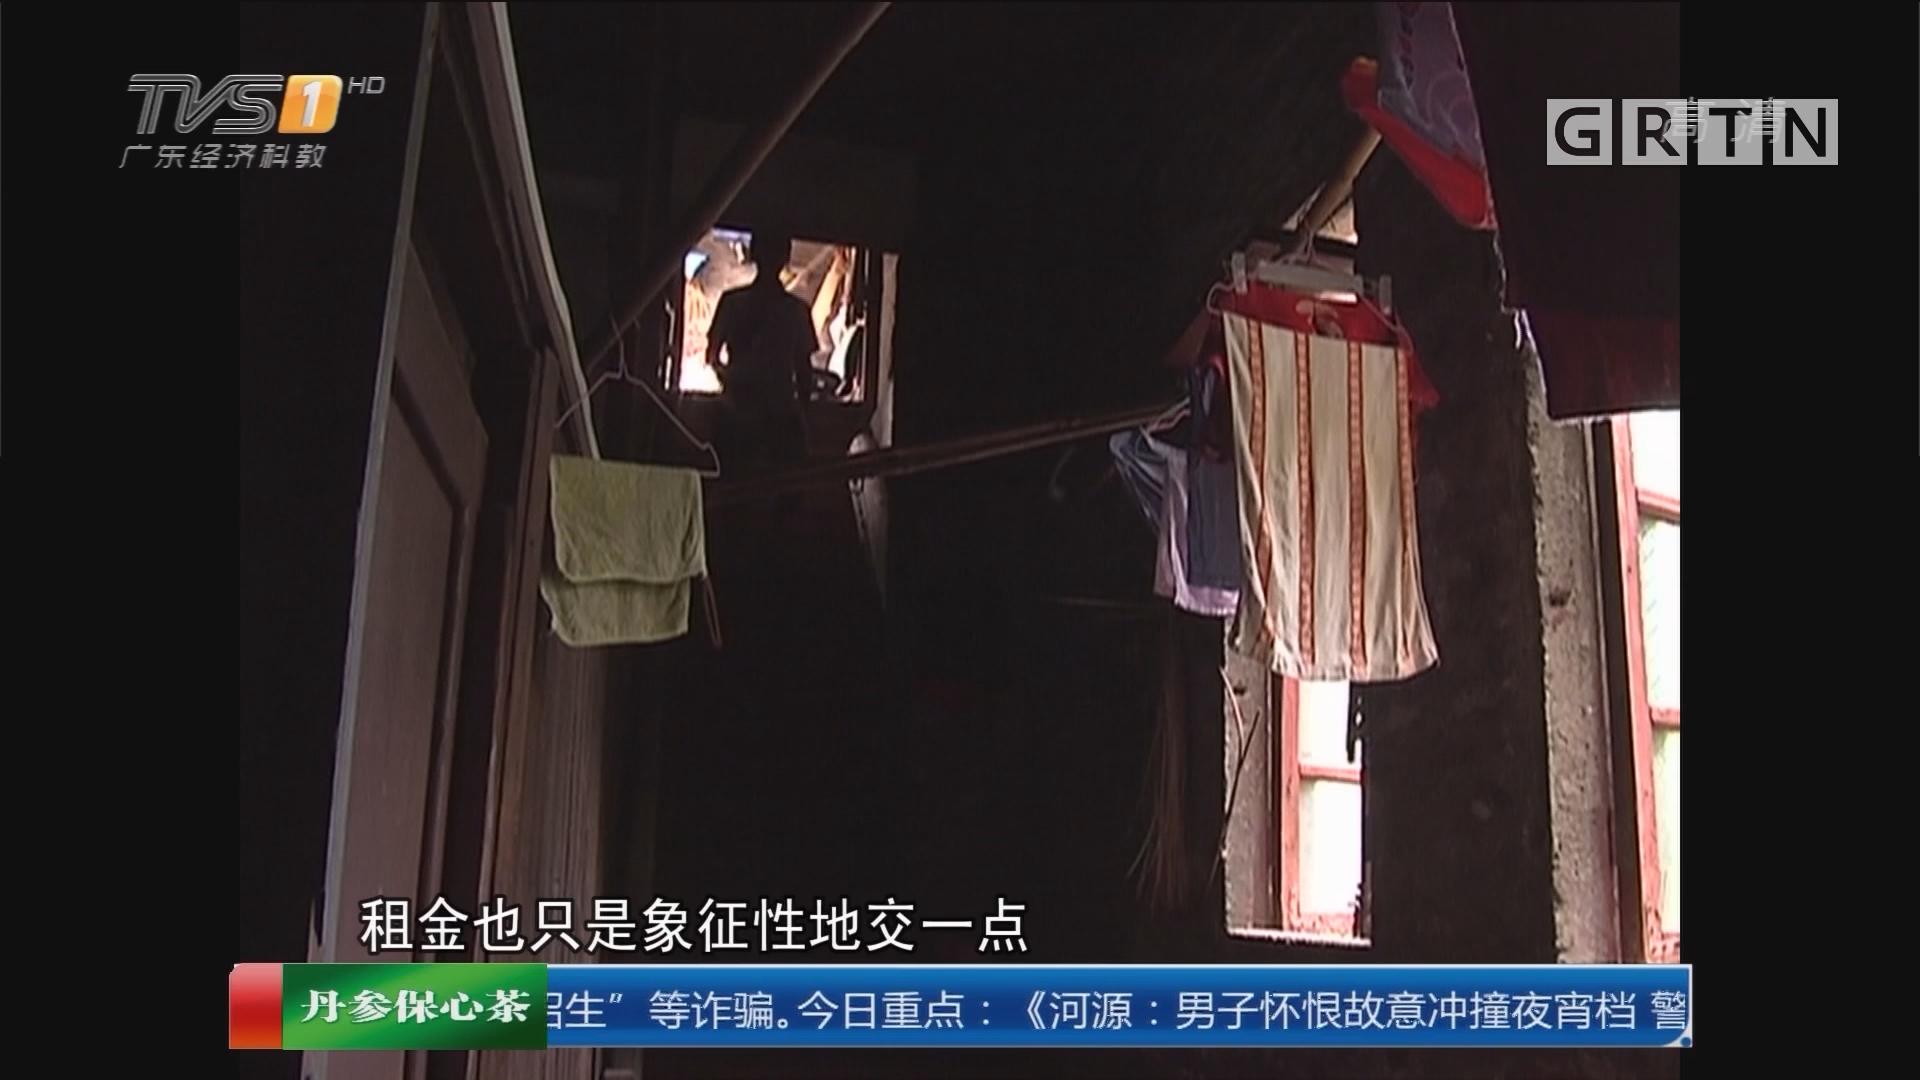 广州:20多户人家挤住仓库 房屋年久失修